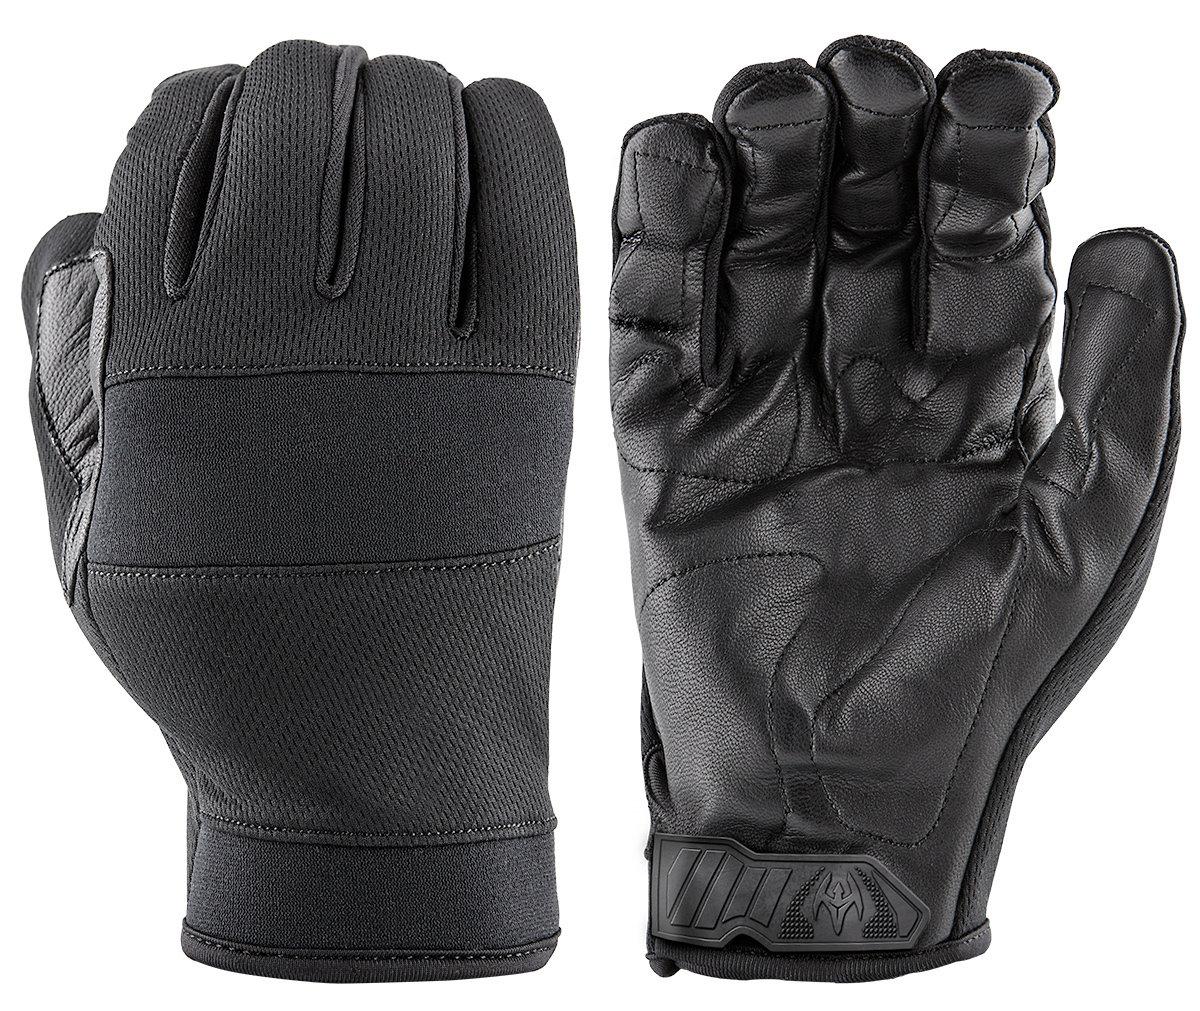 Koreflex 2.0 Puncture Resistant Gloves ATX200-KF